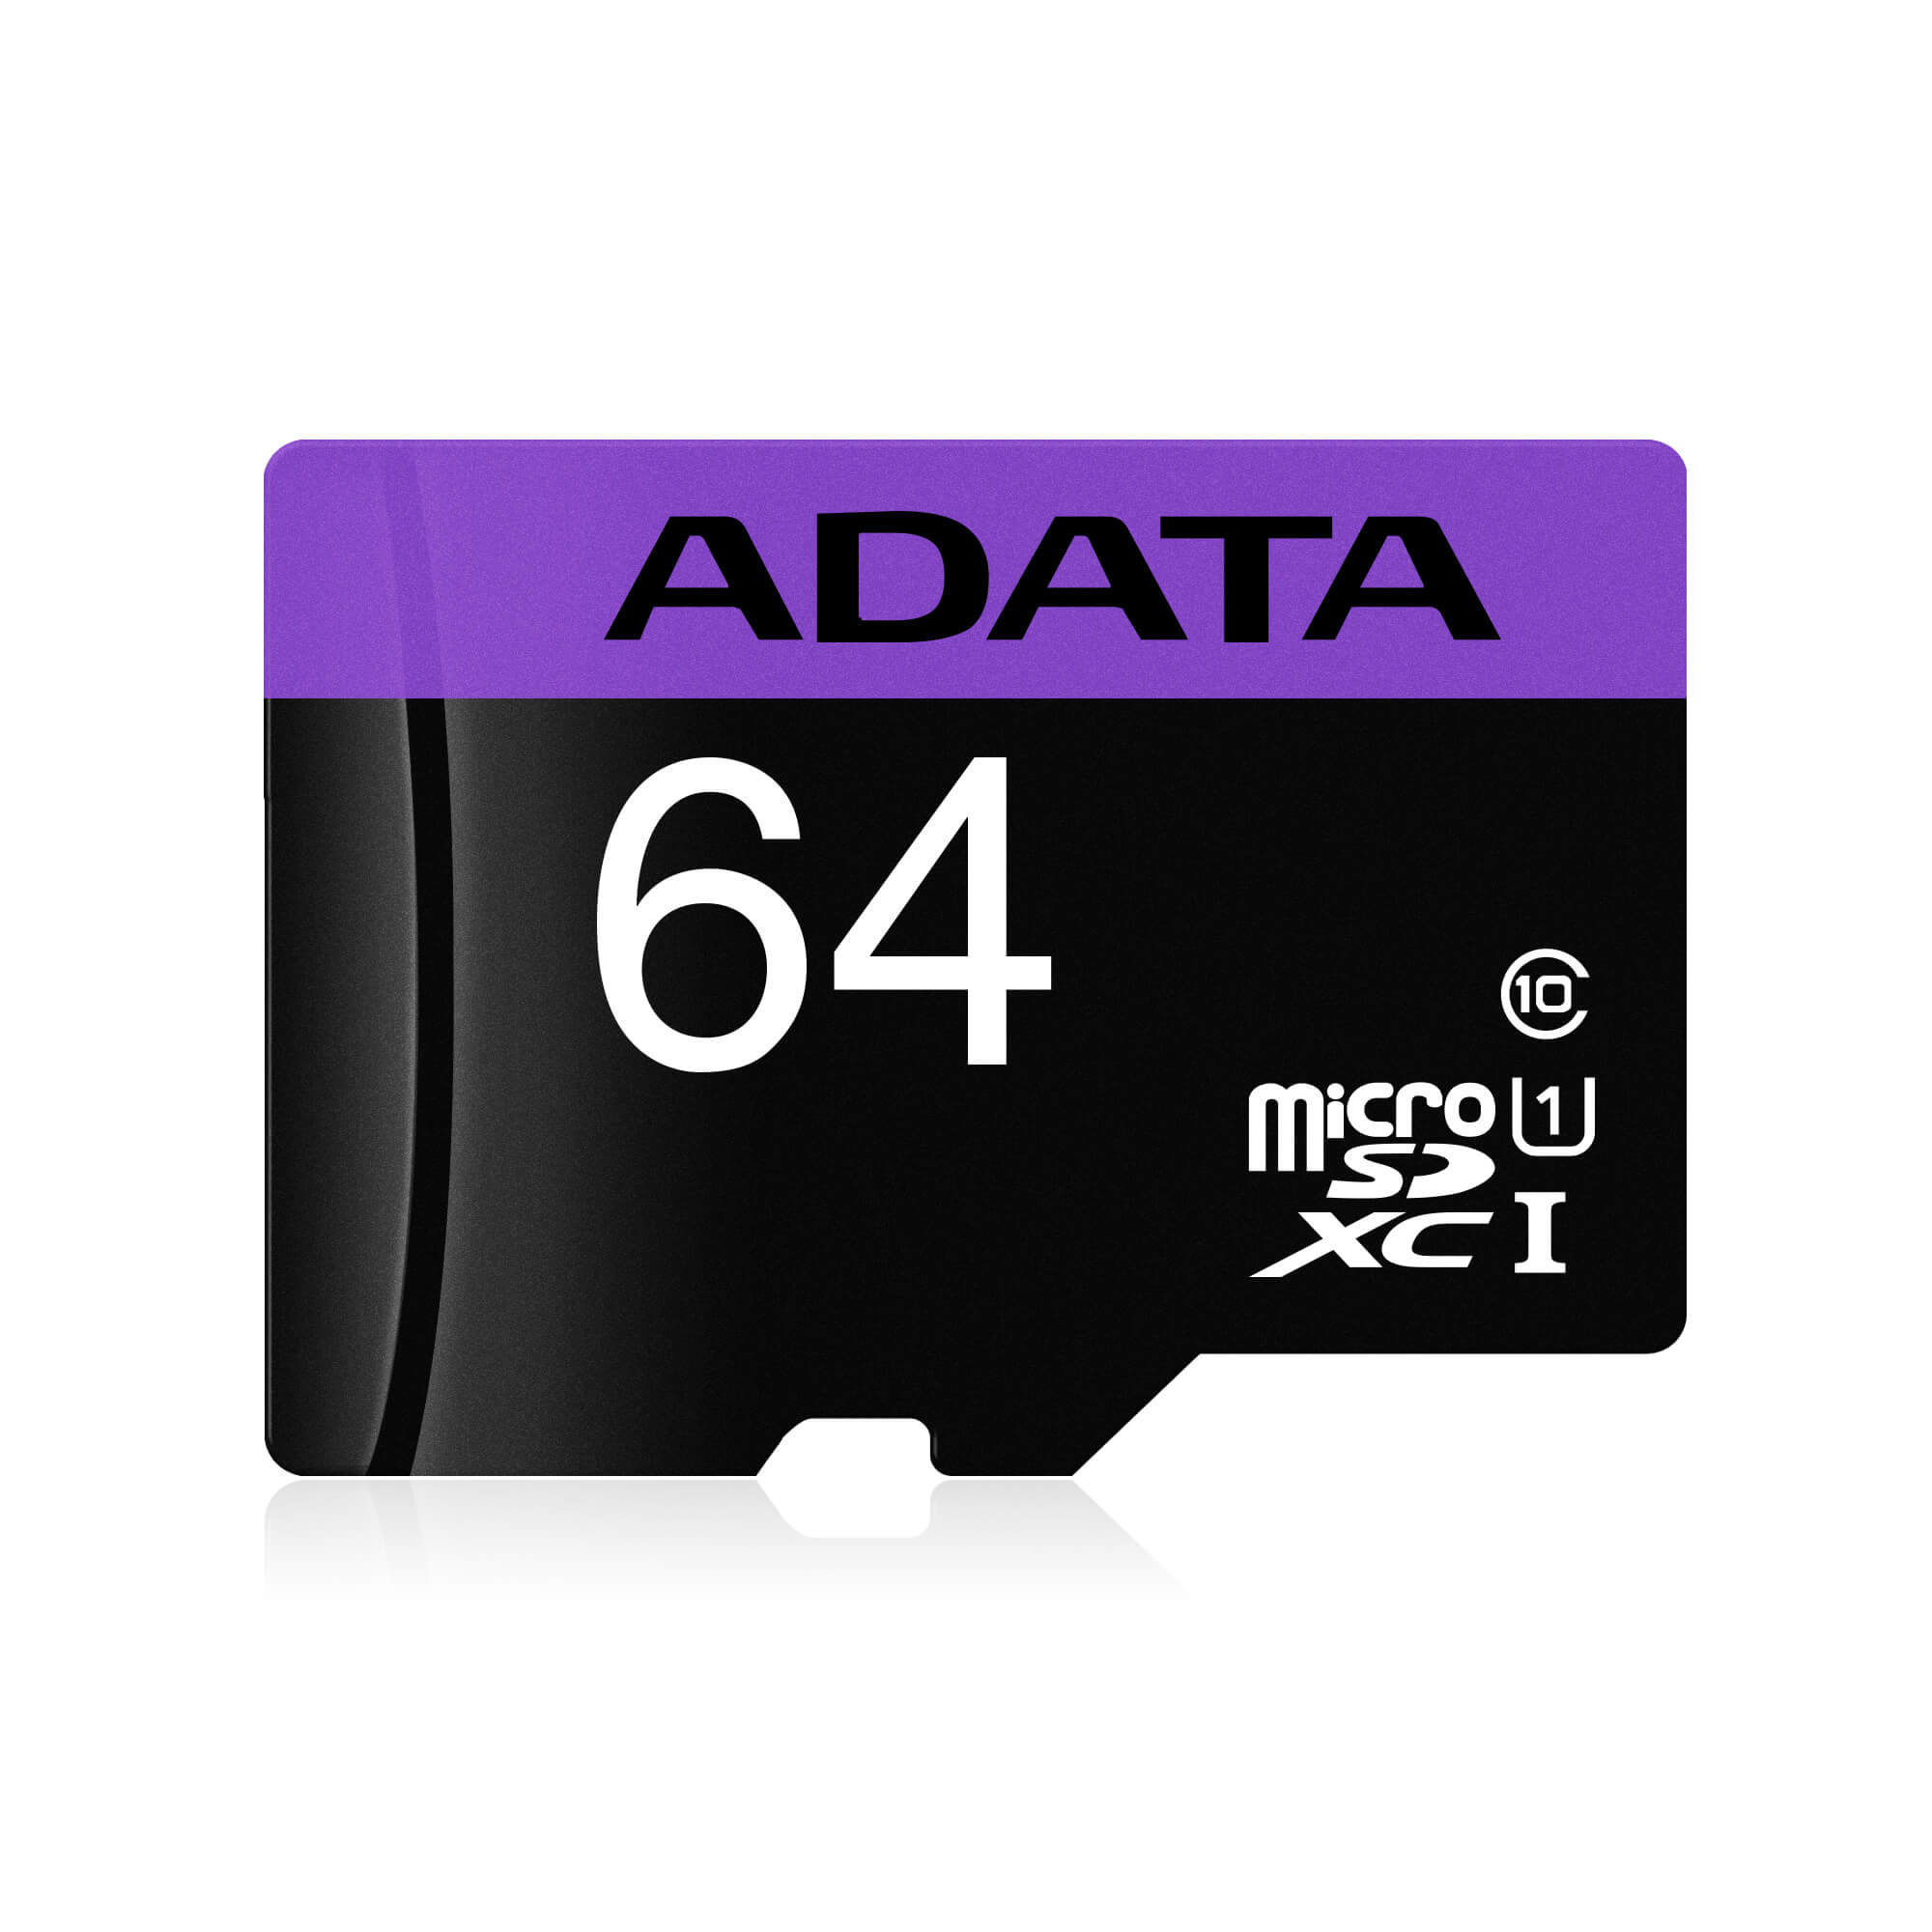 کارت حافظه microSDHC ای دیتا مدل Premier کلاس 10 استاندارد UHS-I سرعت 80MBps ظرفیت 64 گیگابایت